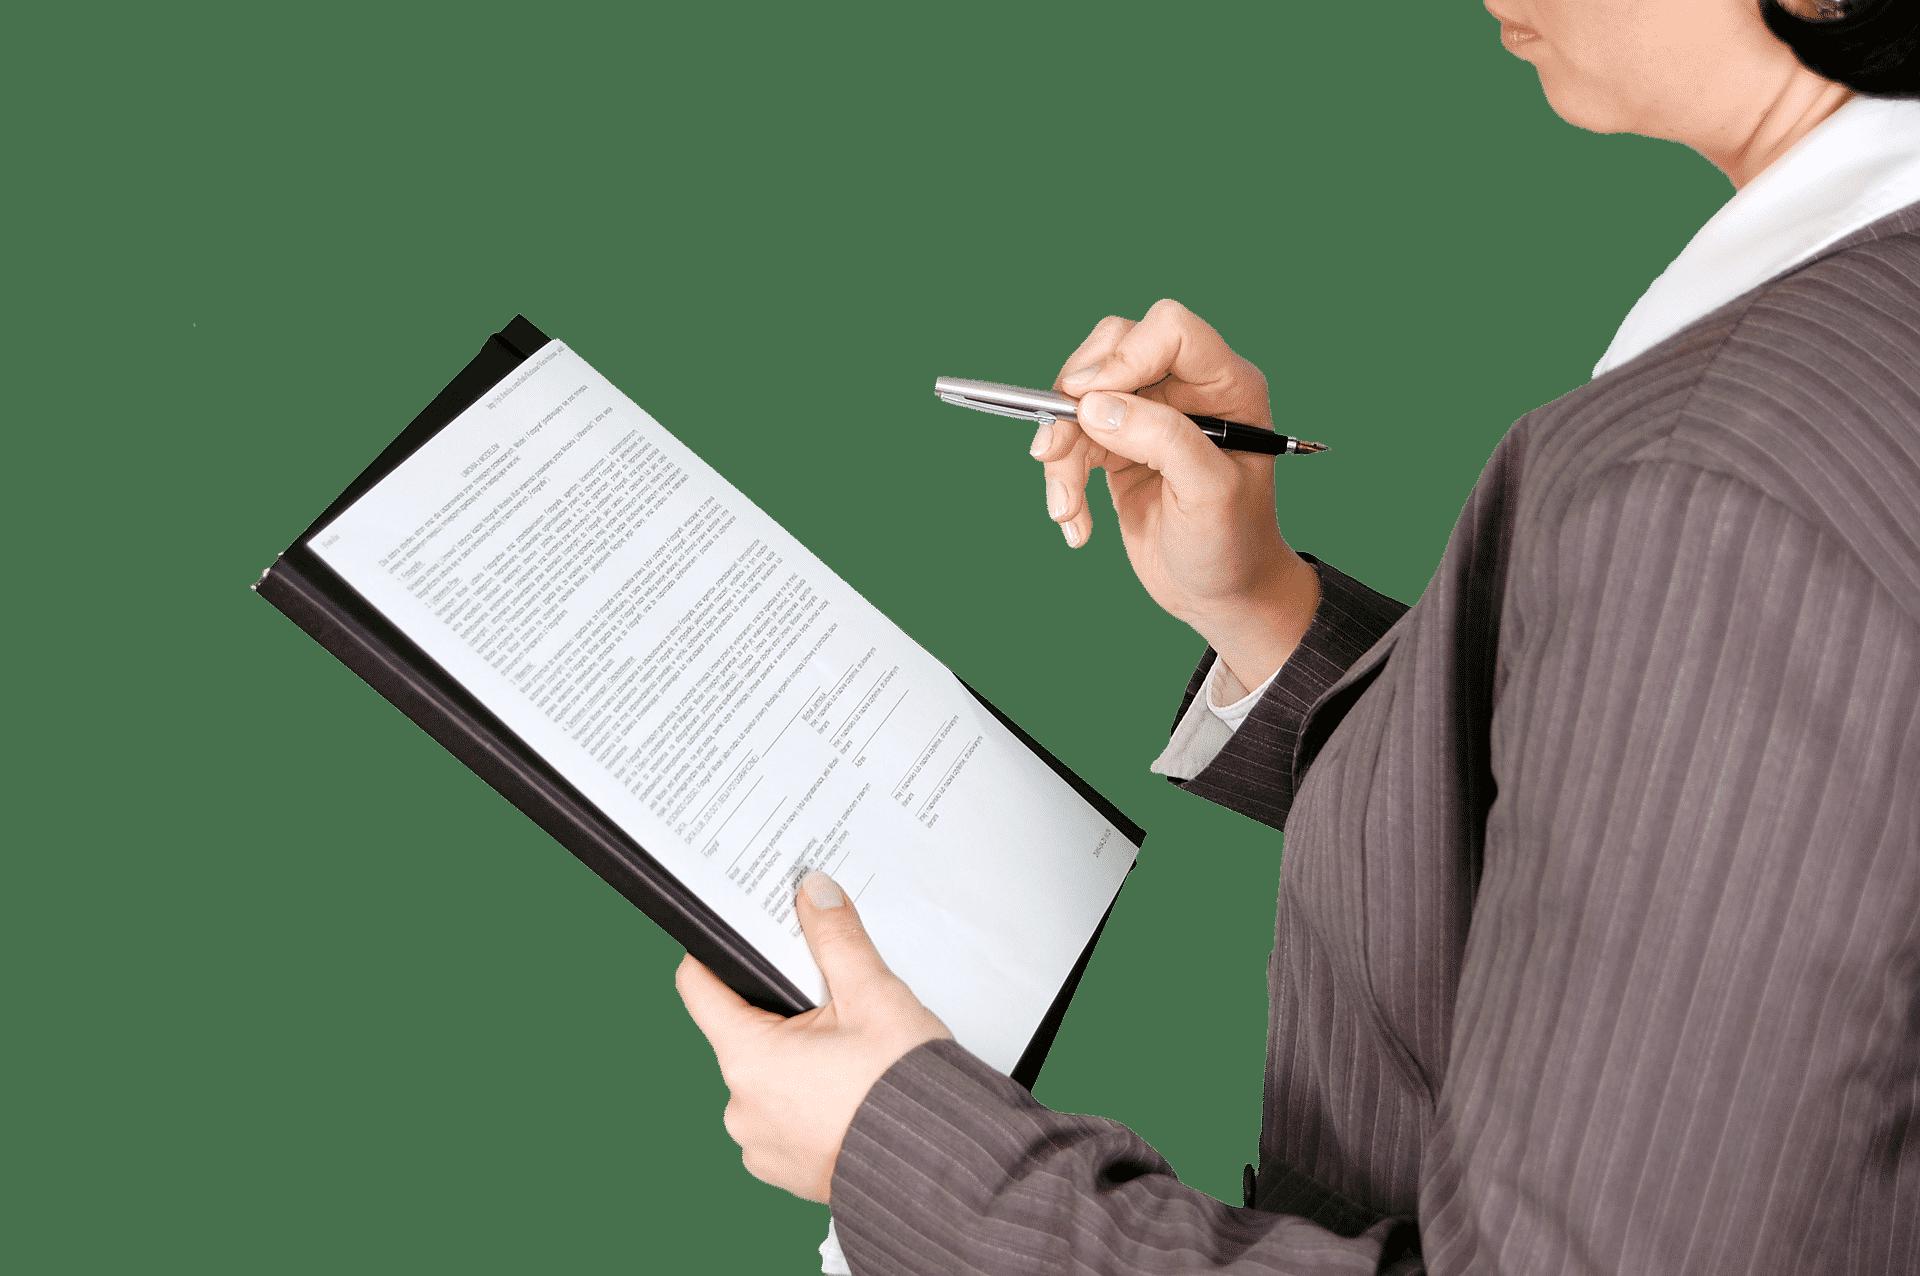 dp gestionnaire de paie controle des bulletins de paie